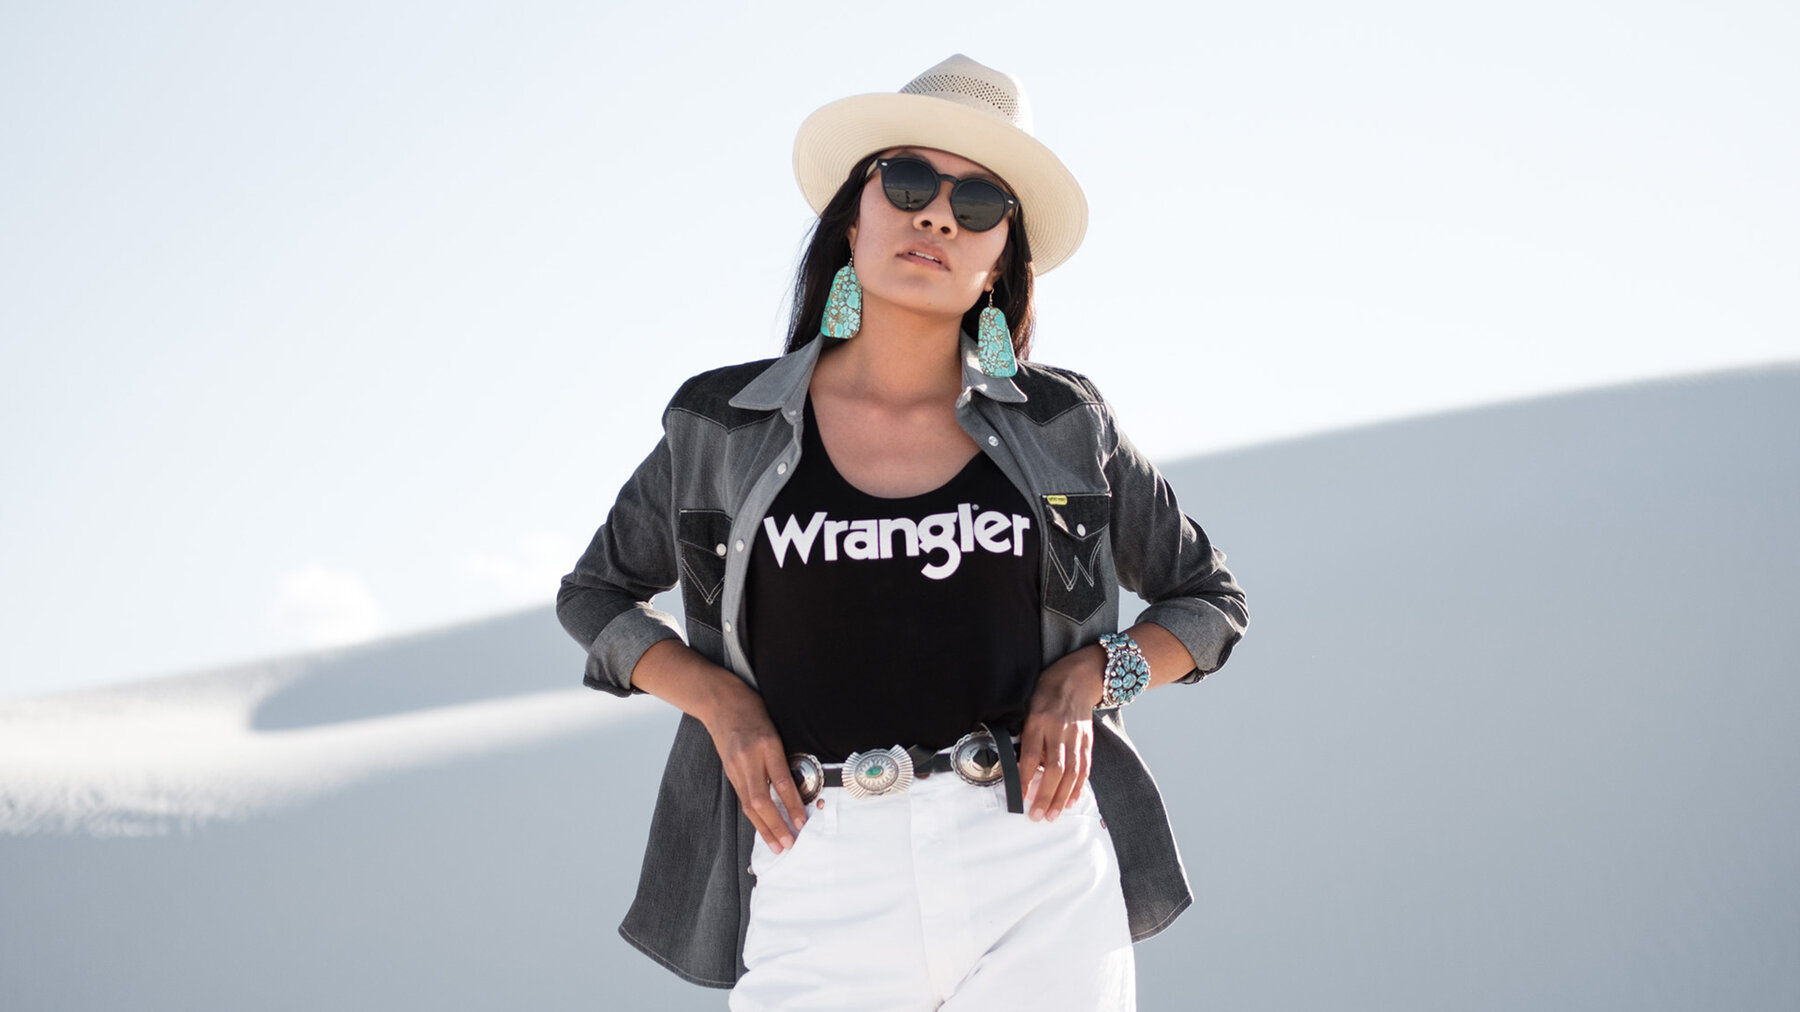 Wrangler background image 3